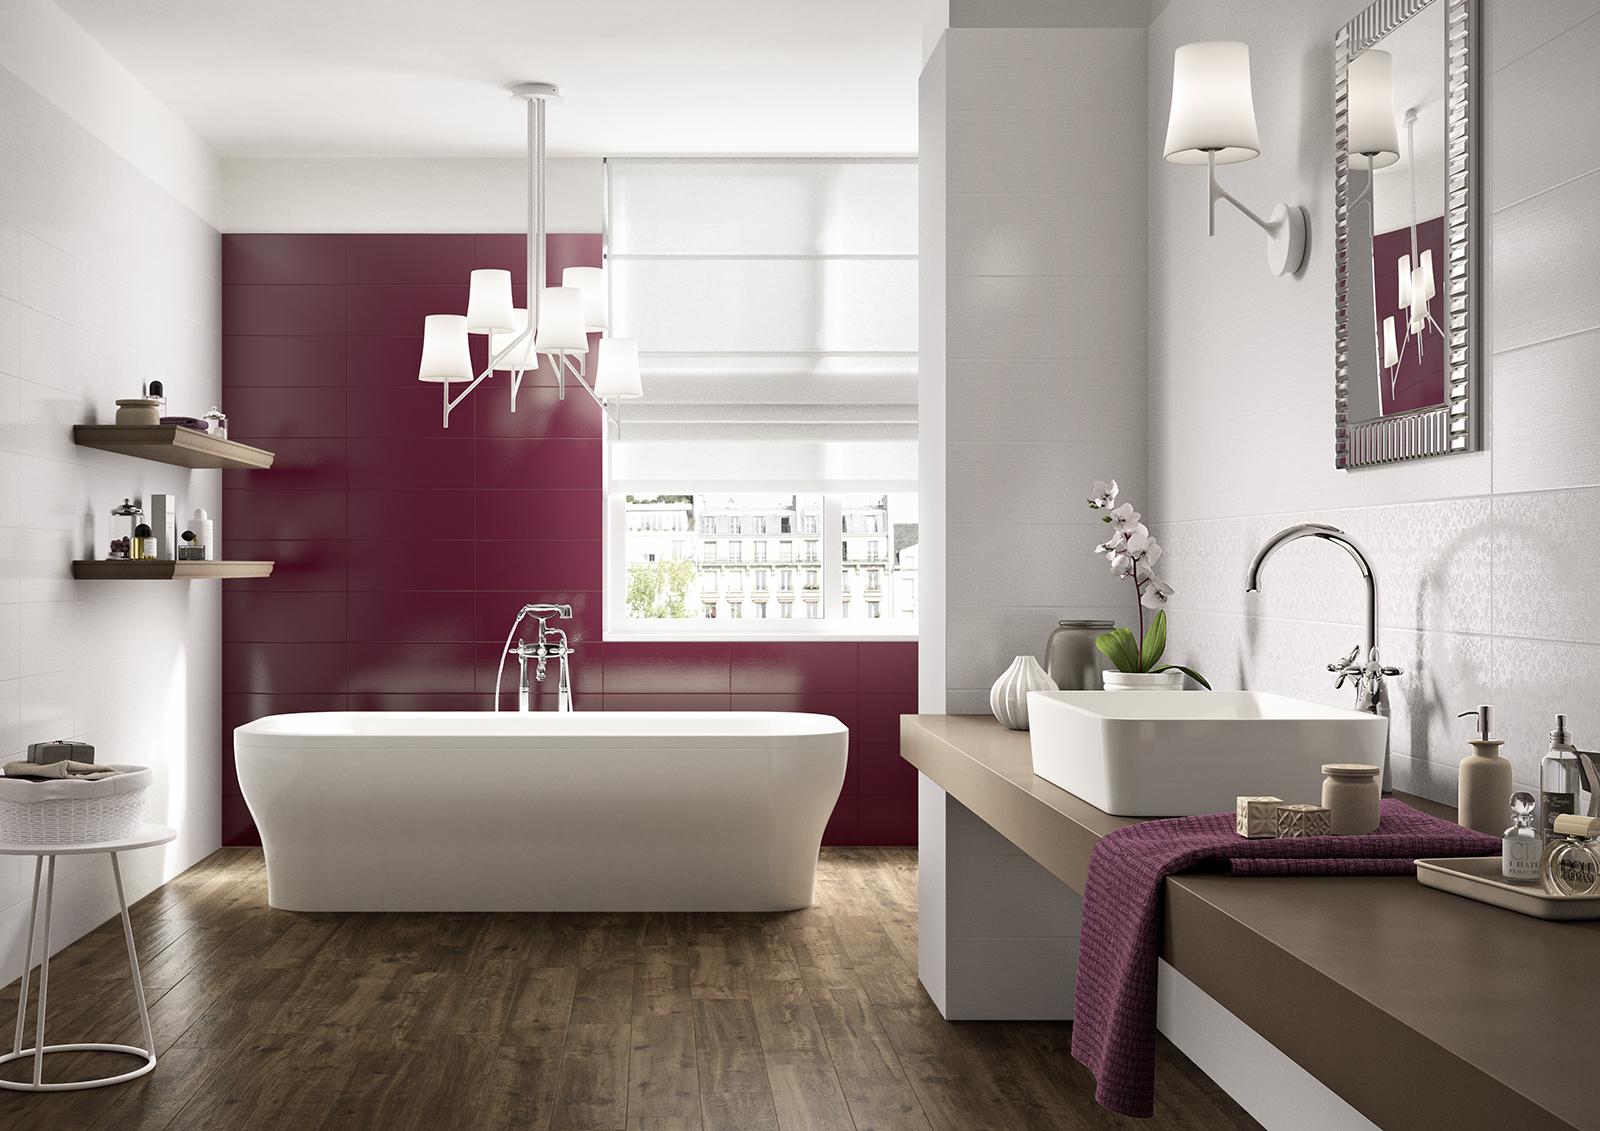 Piastrelle viola scopri le collezioni marazzi - Piastrelle viola bagno ...